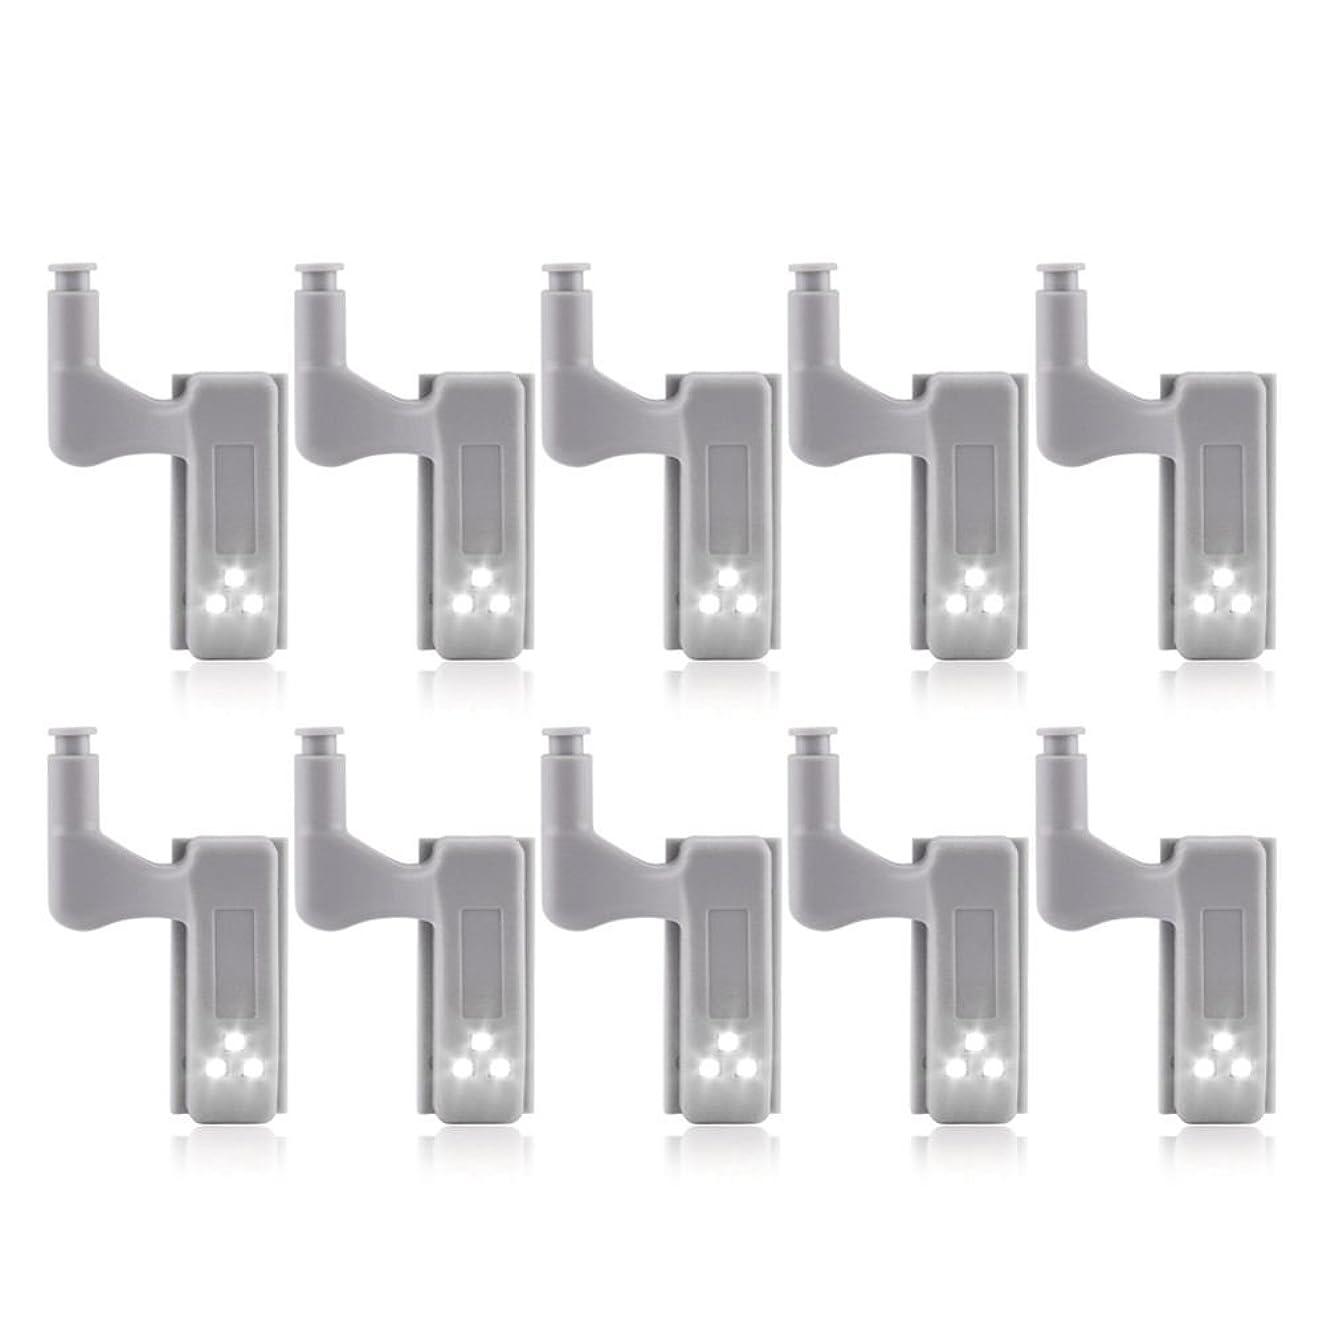 層リスト慎重JVSISM 10個キャビネット戸棚ワードローブLEDヒンジライト スマートセンサーランプ コールドホワイト